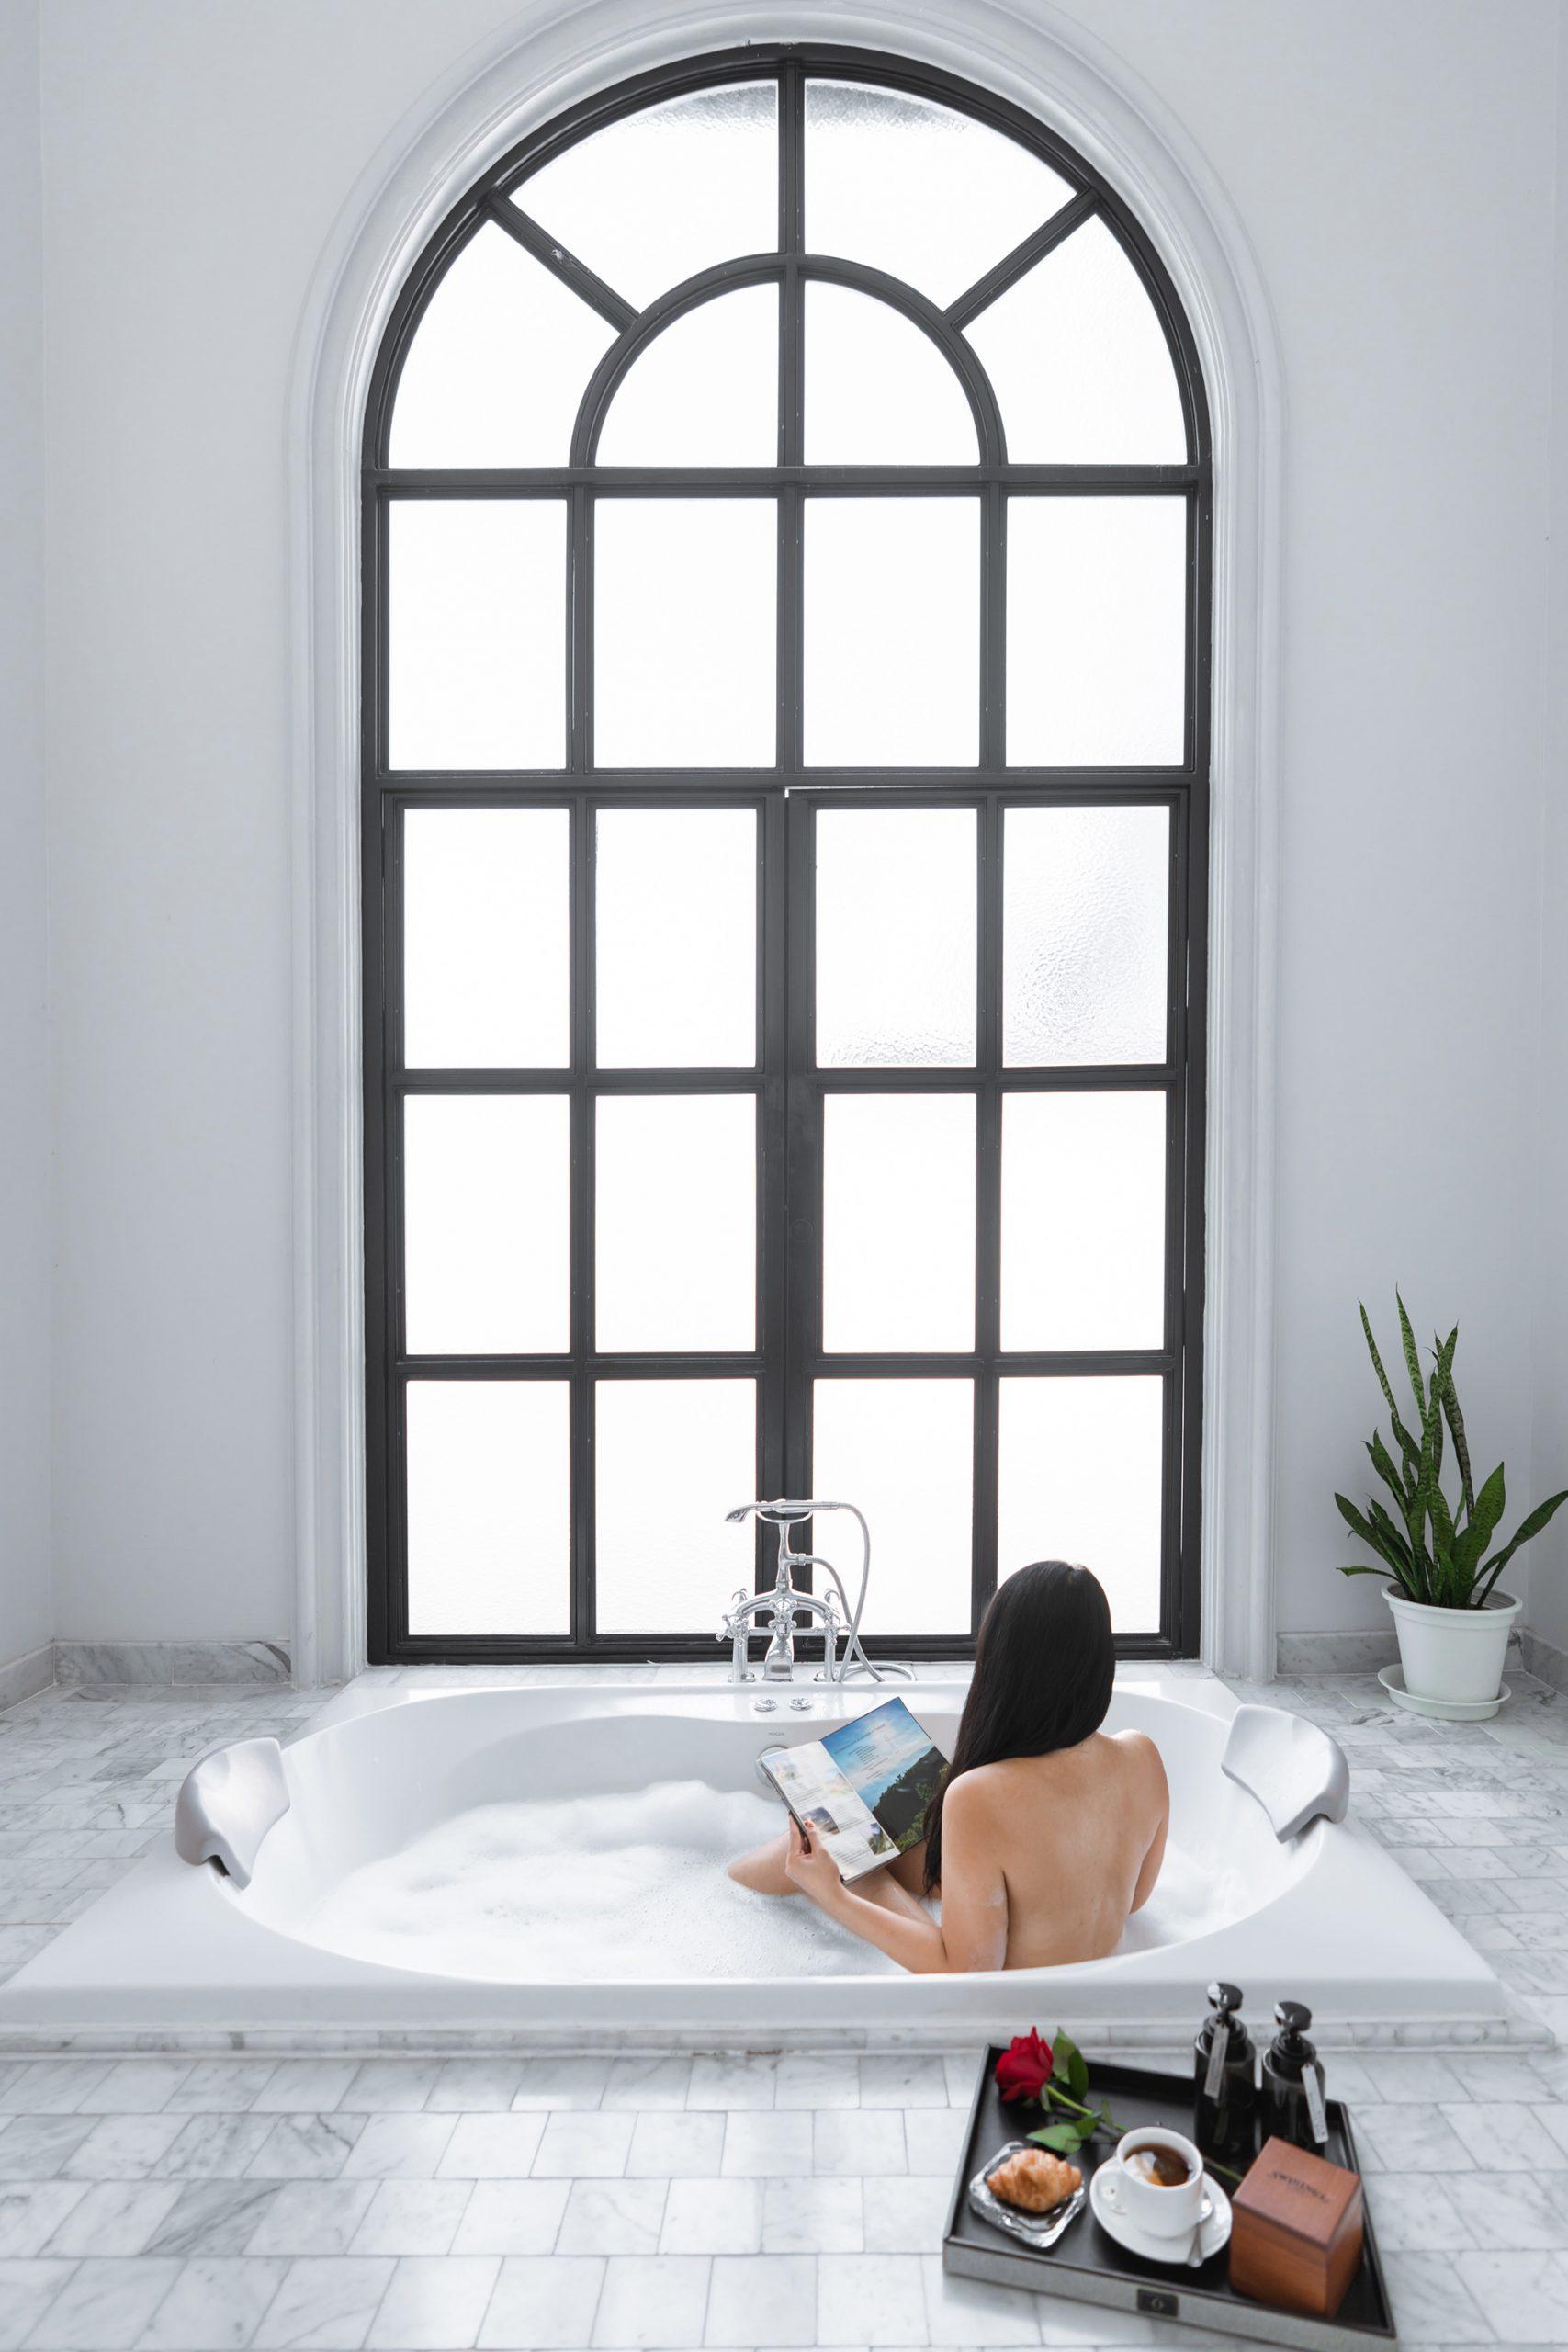 Gorgeous jacuzzi bathtub at Hotel Once Bangkok.